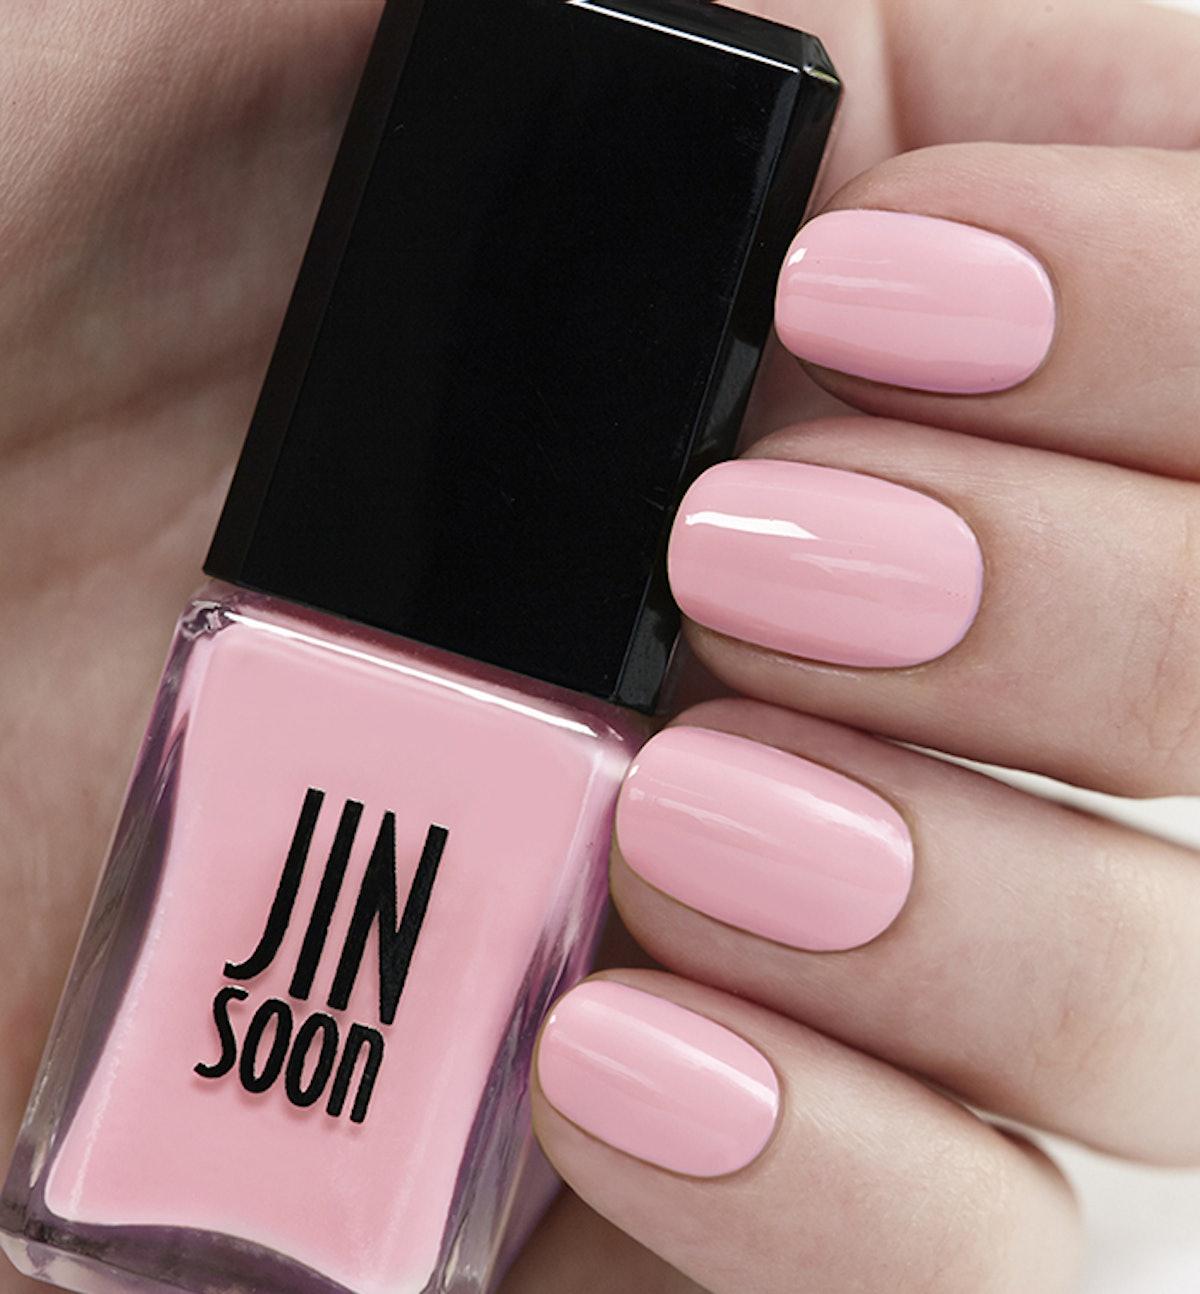 Nail Polish in Dolly Pink